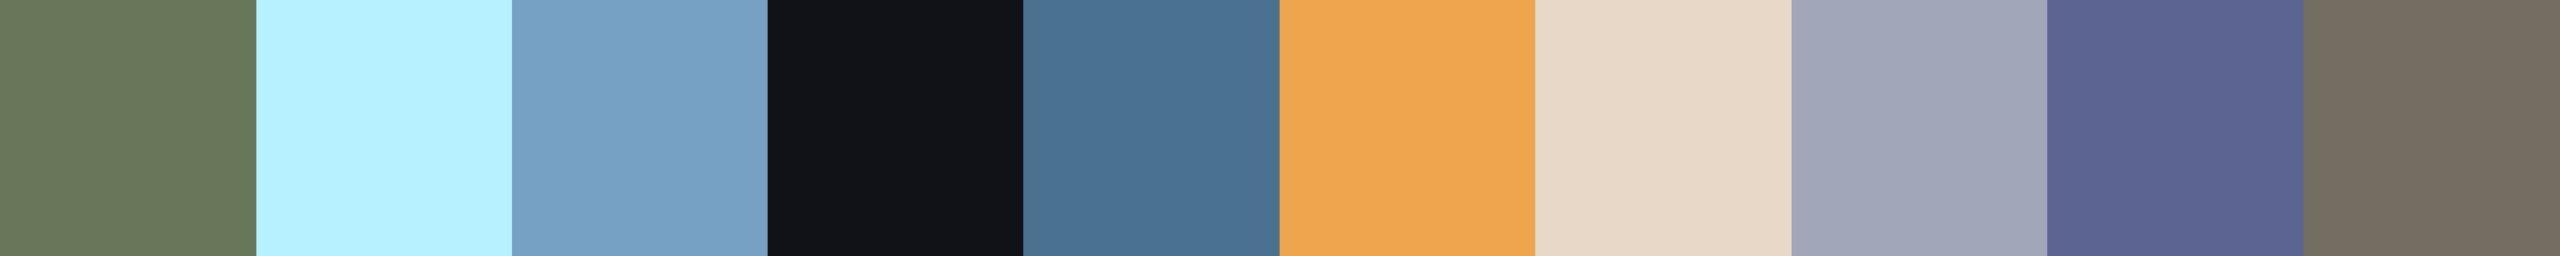 183 Hasarmia Color Palette